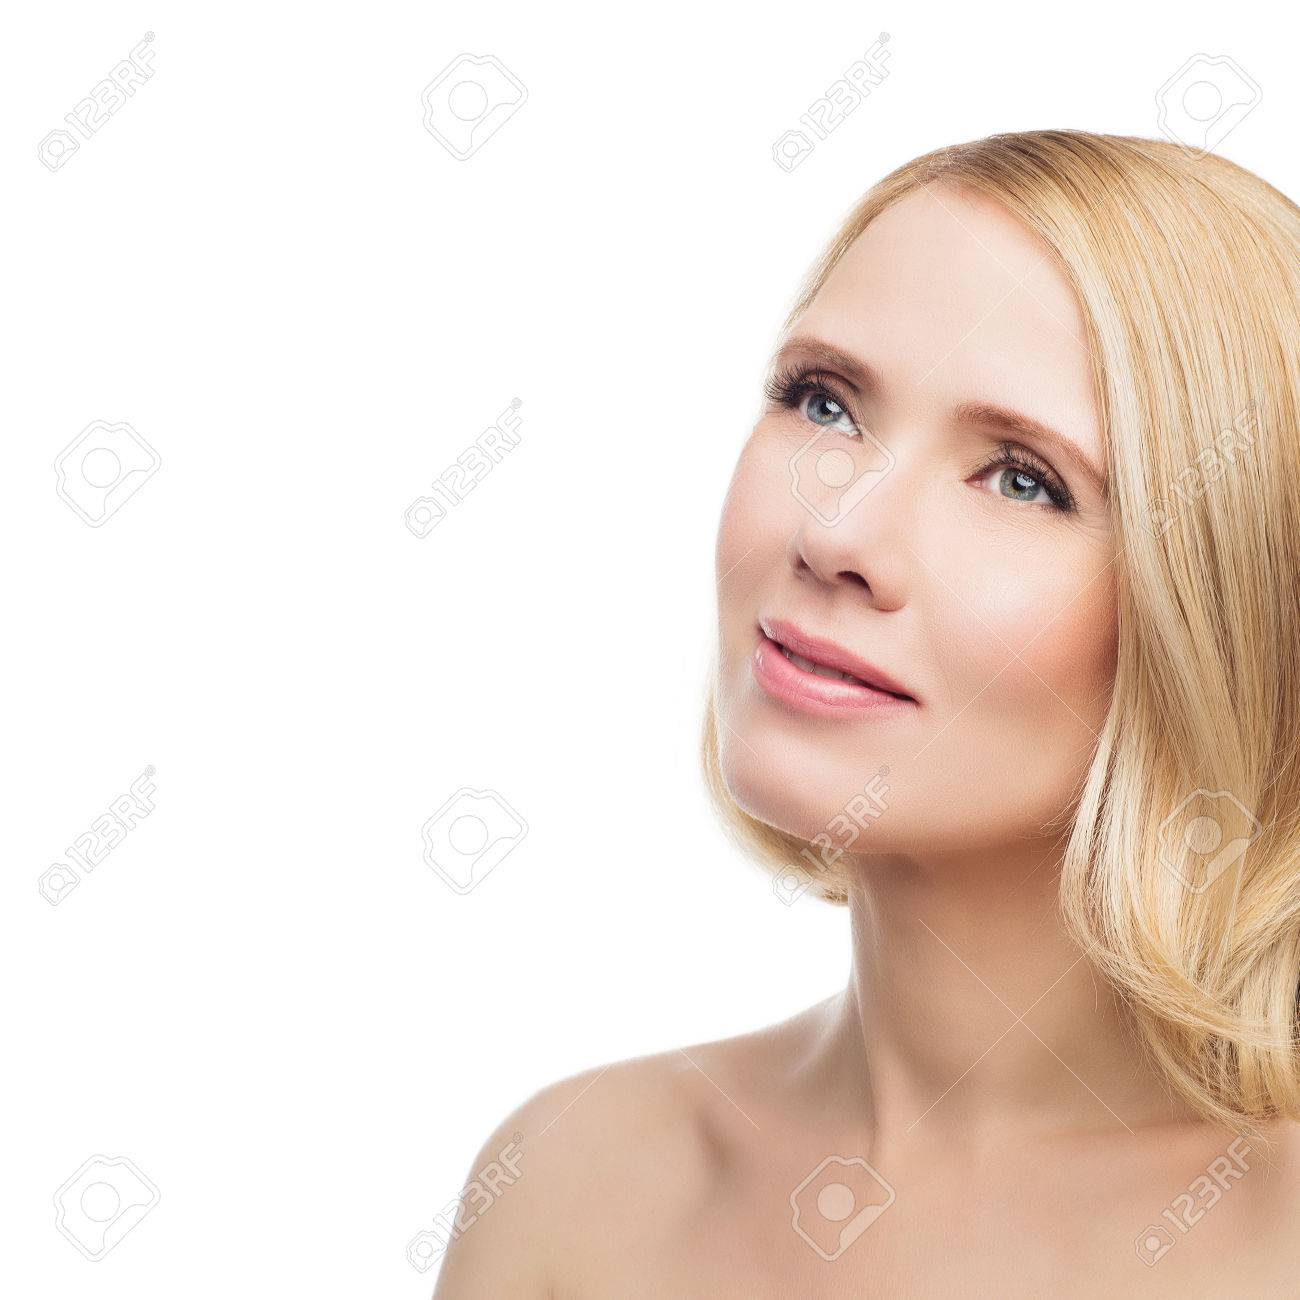 Mooie Vrouw Van Middelbare Leeftijd Met Gladde Huid En Kort Blond